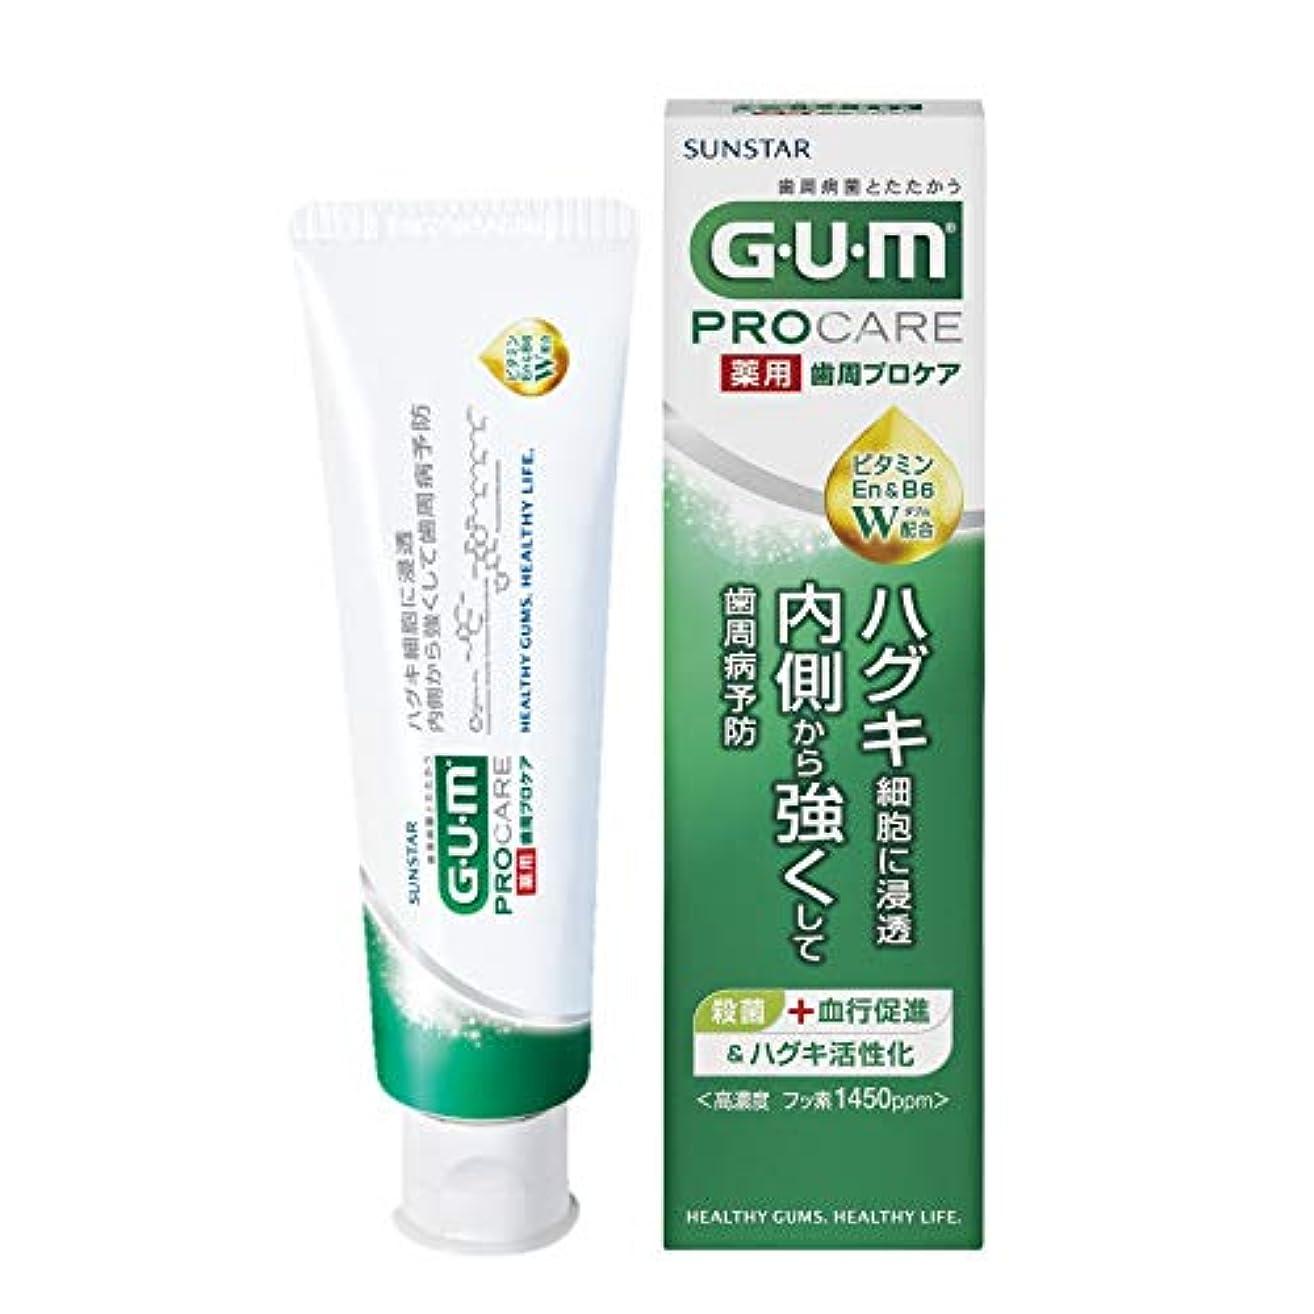 吸い込む沼地平和的[医薬部外品] GUM(ガム) 歯周プロケア 歯みがき 90g <歯周病予防 ハグキケア 高濃度フッ素配合 1450ppm>